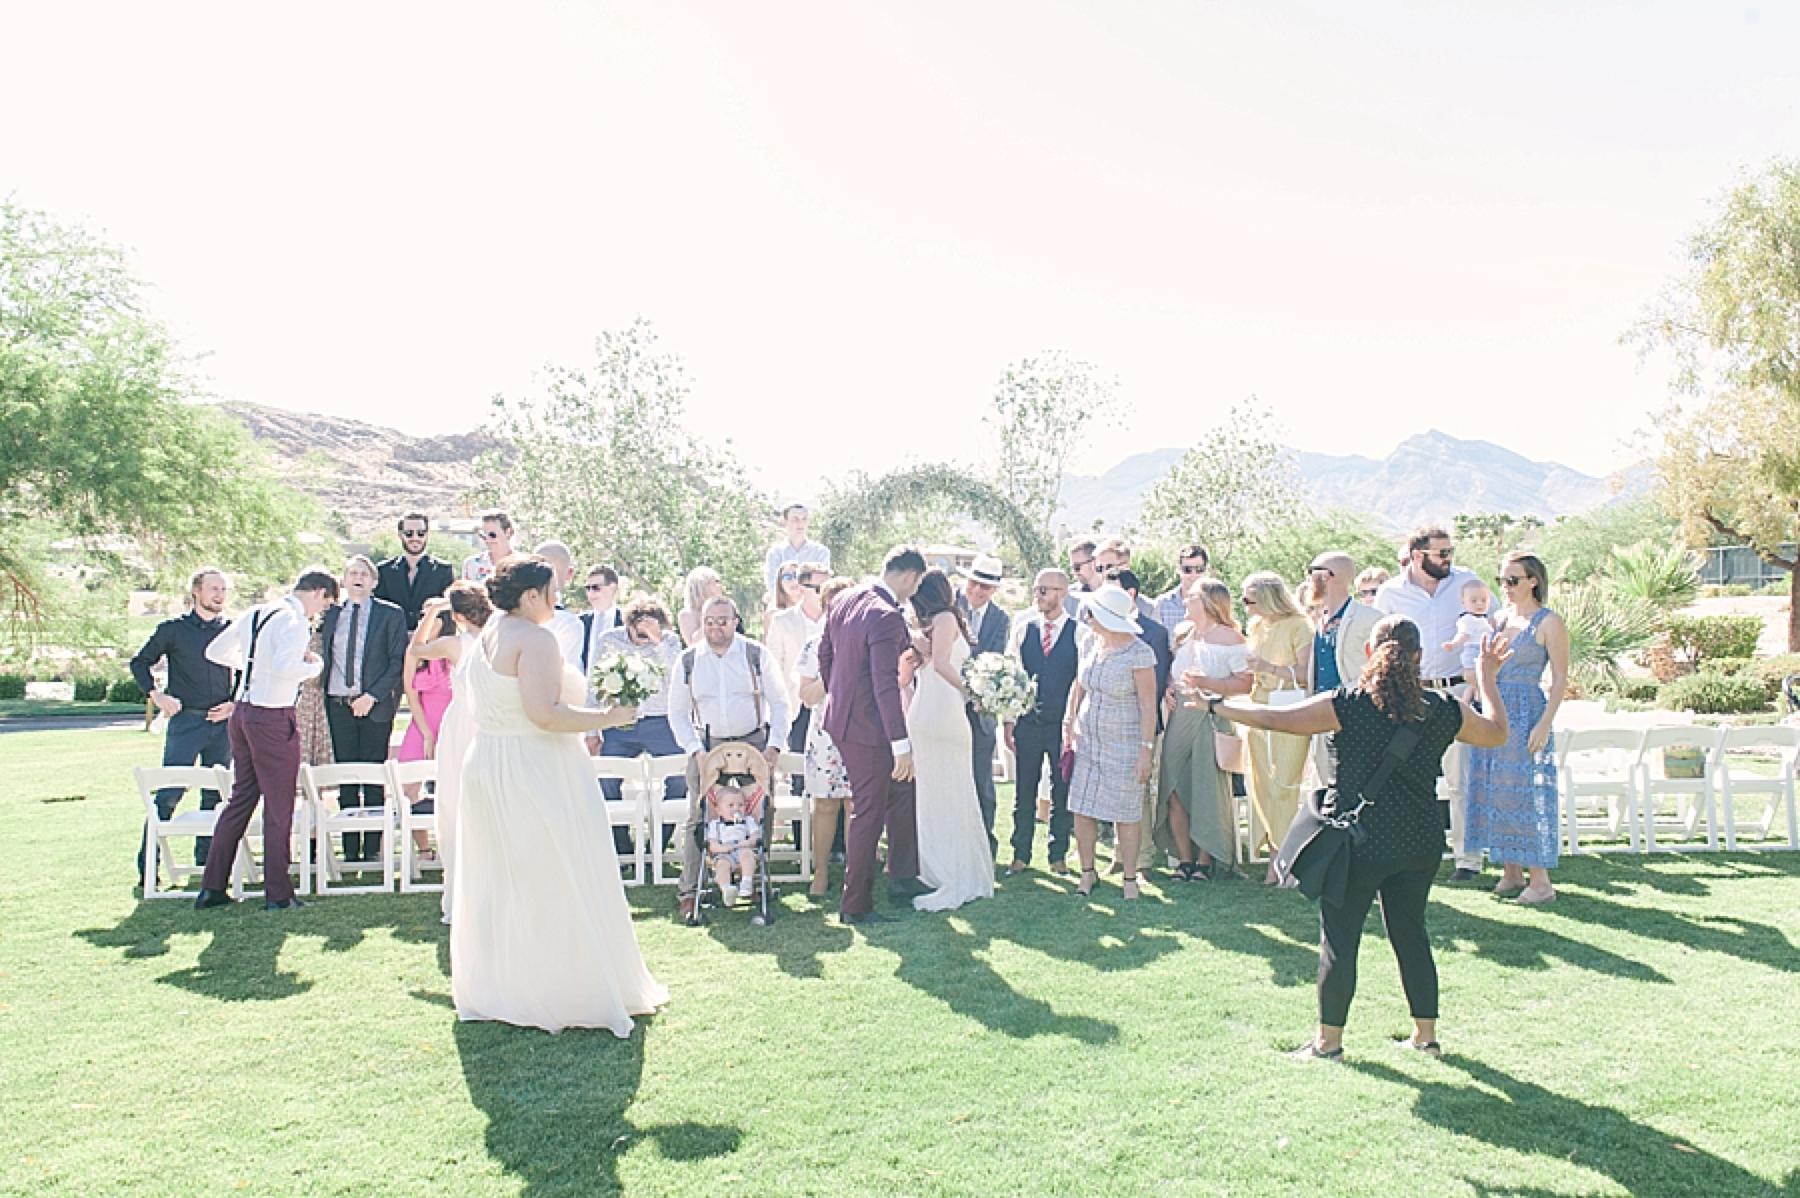 las_vegas_wedding_photographers_behind_the_scenes-01-10.jpg